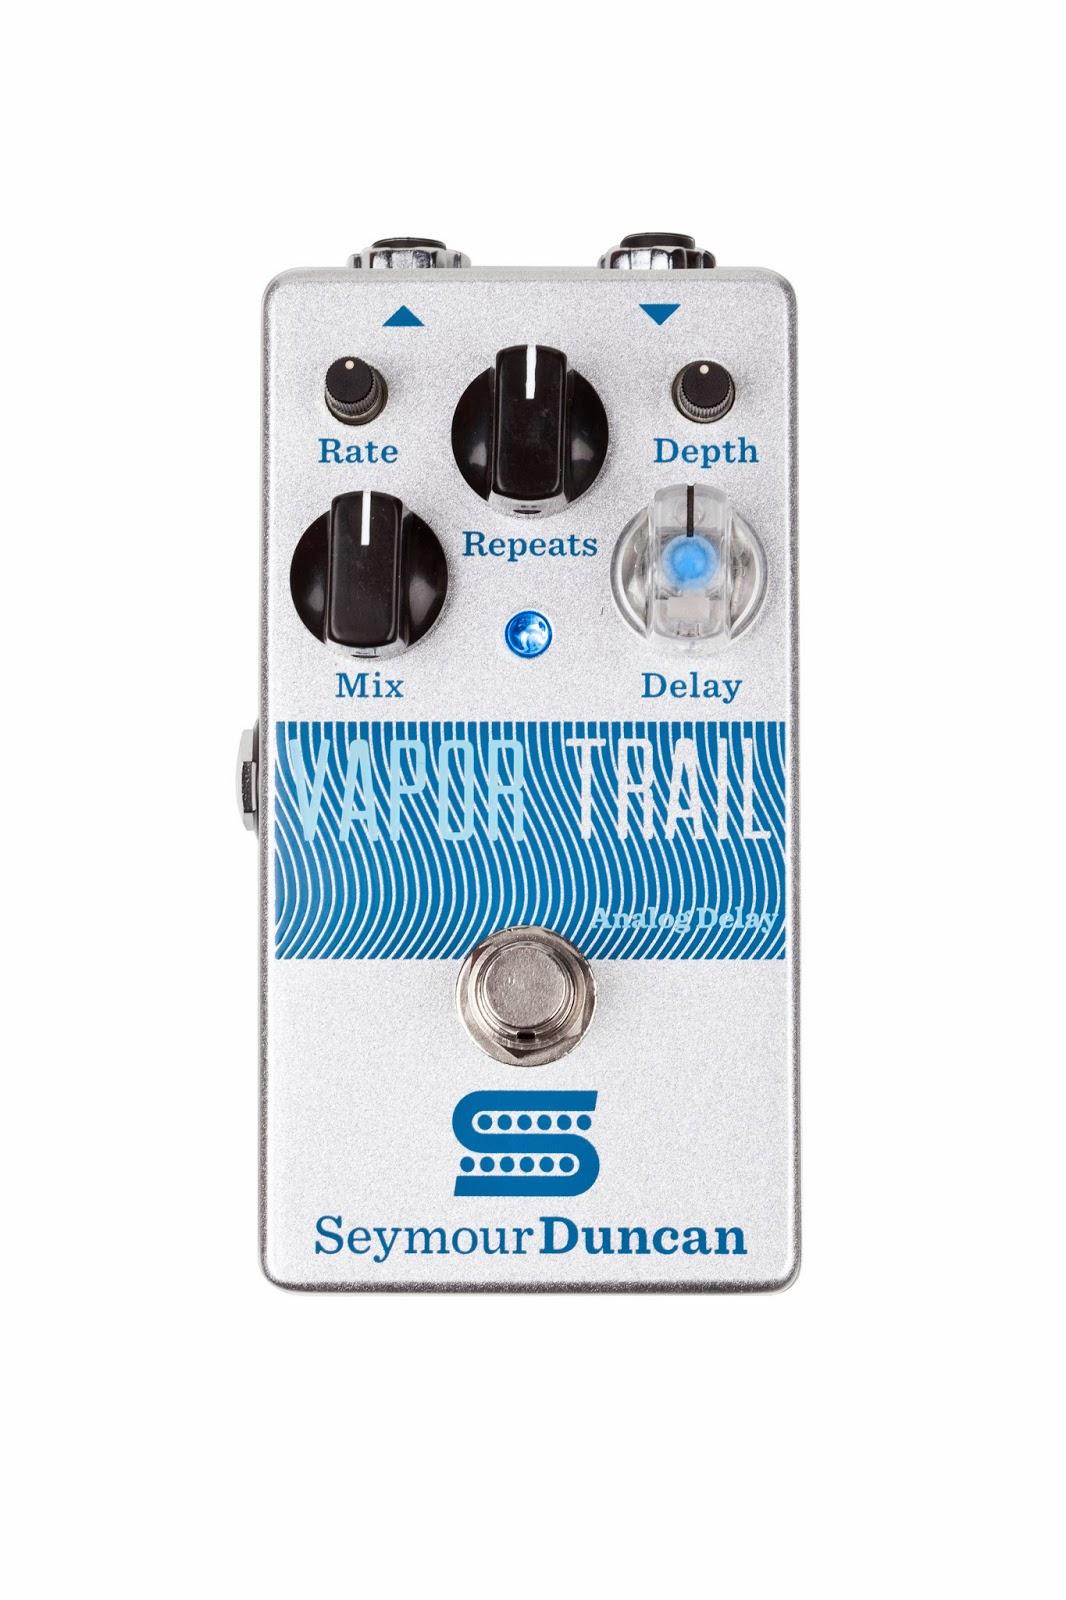 Vapor Trail Delay : seymour duncan 39 s new vapor trail analog delay stratocaster guitar culture stratoblogster ~ Hamham.info Haus und Dekorationen